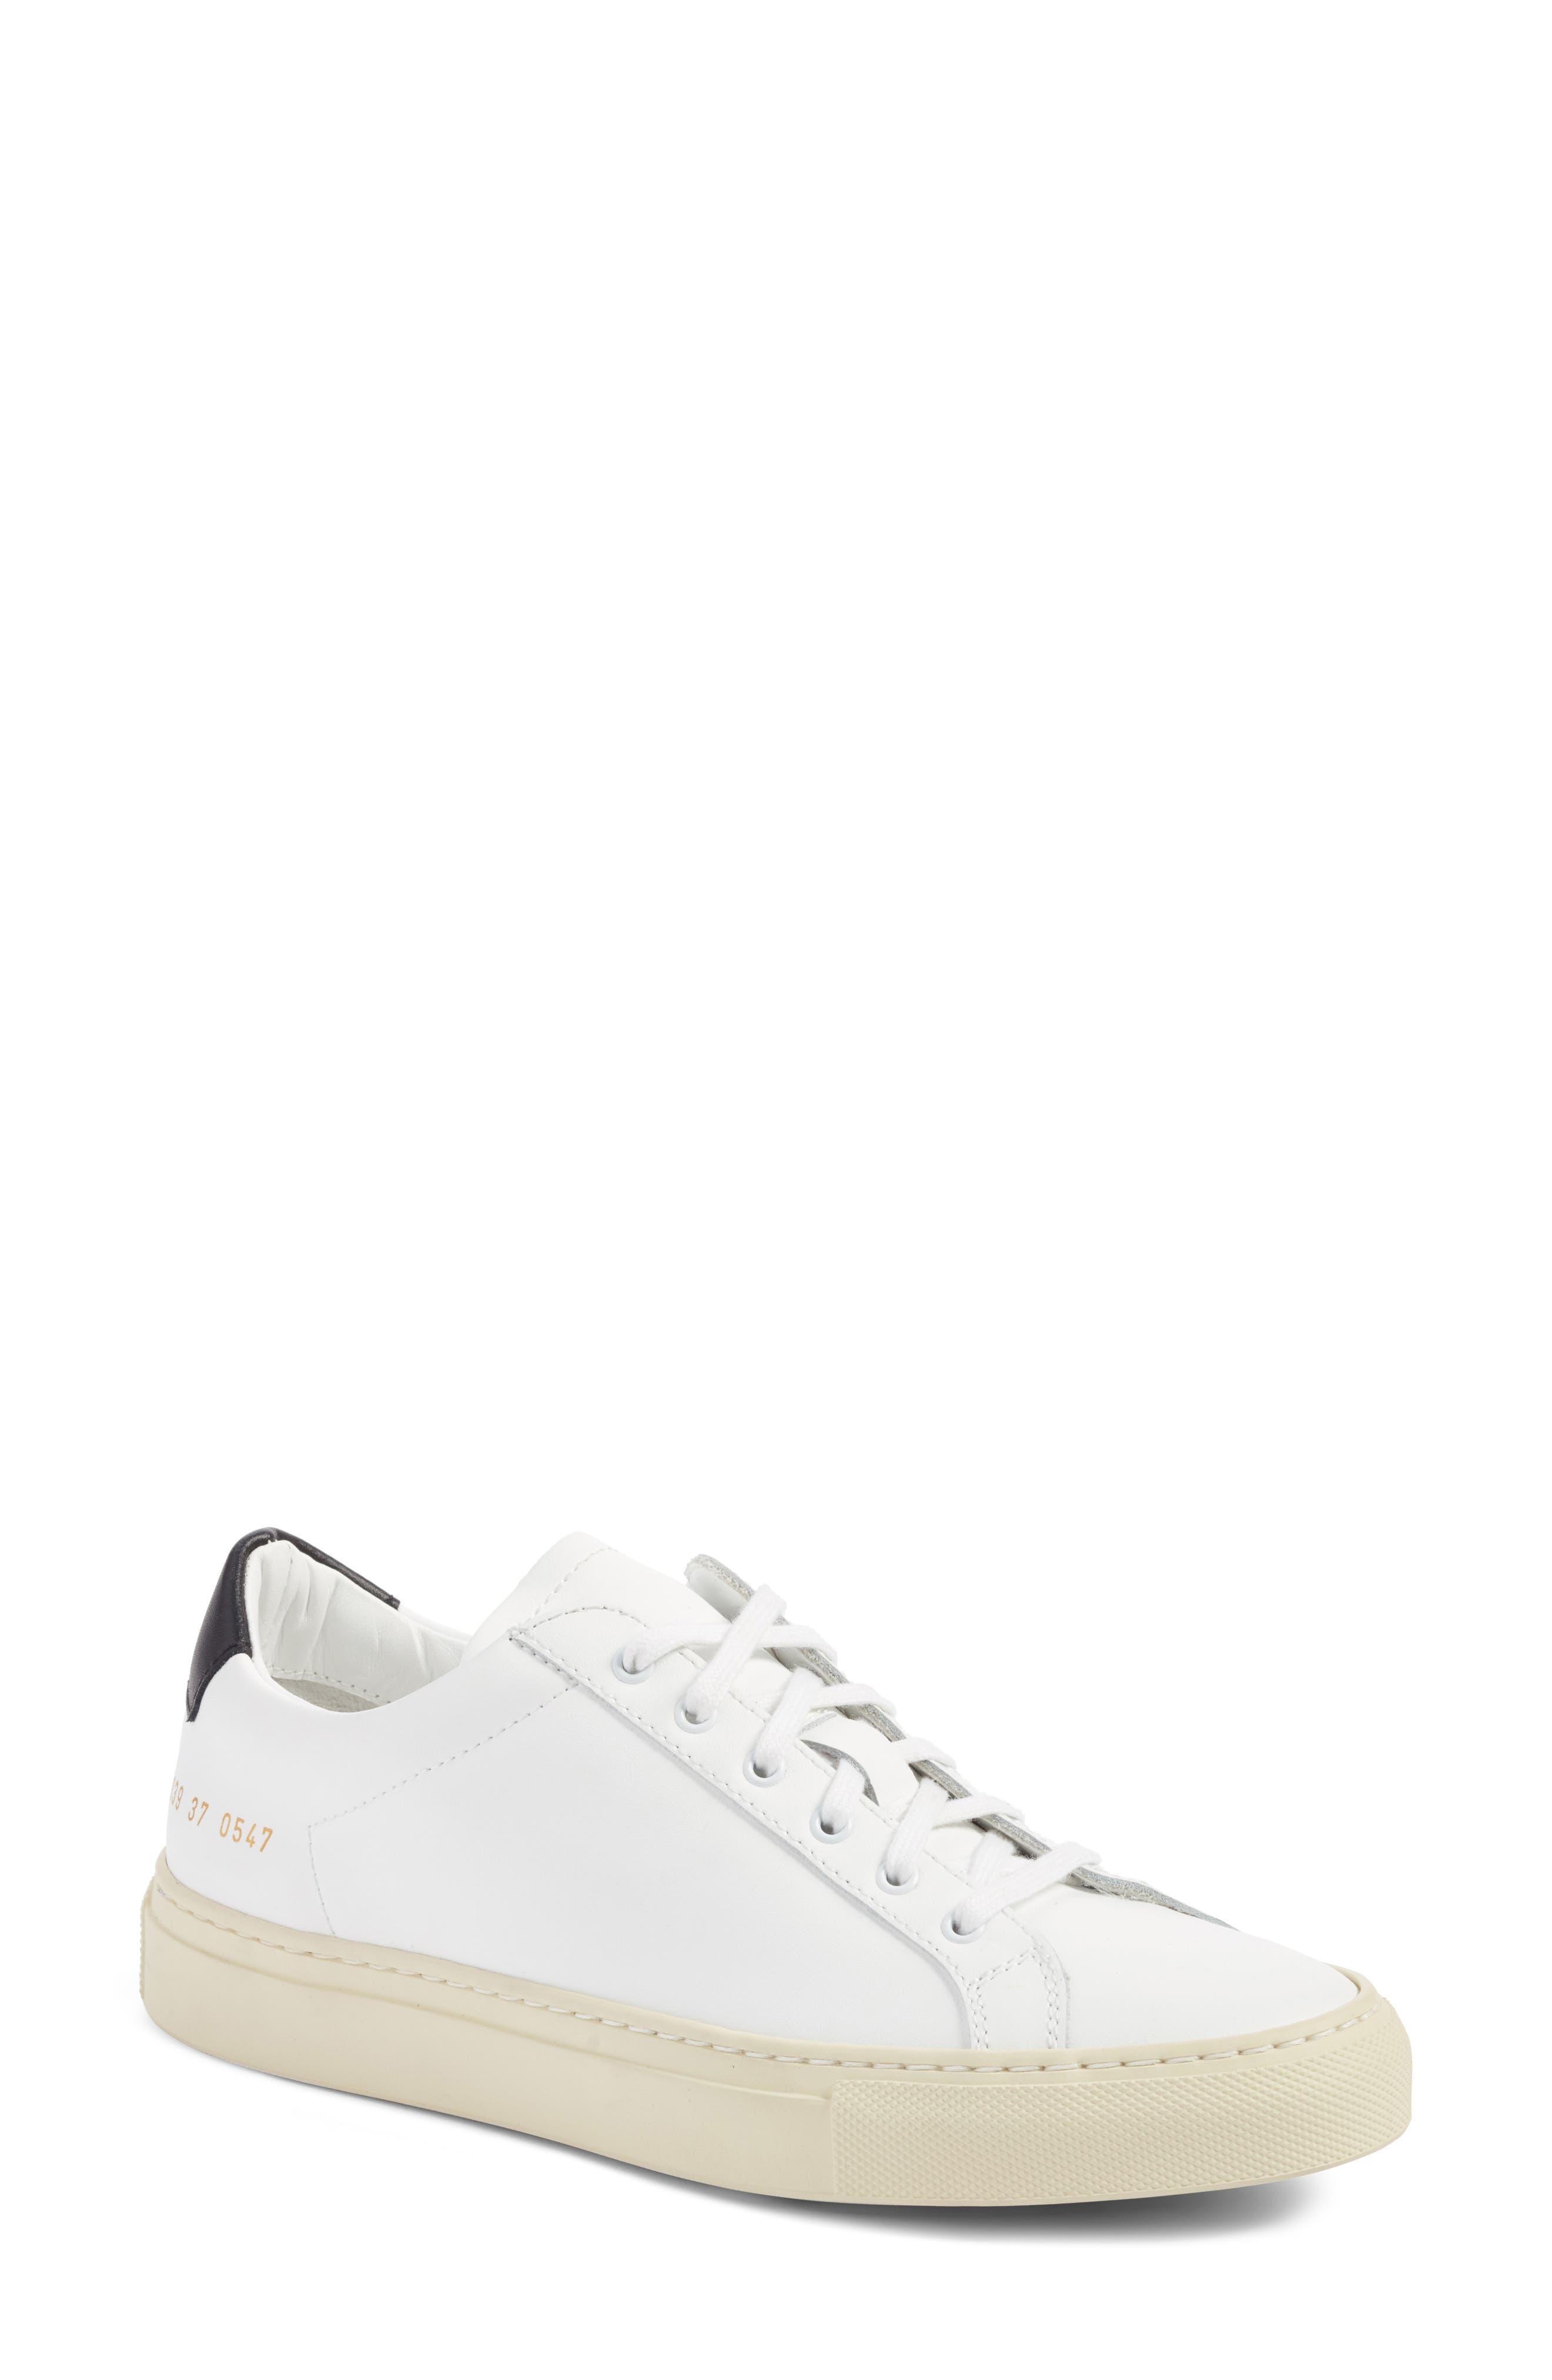 Achilles Low Top Sneaker,                             Main thumbnail 1, color,                             White/ Black